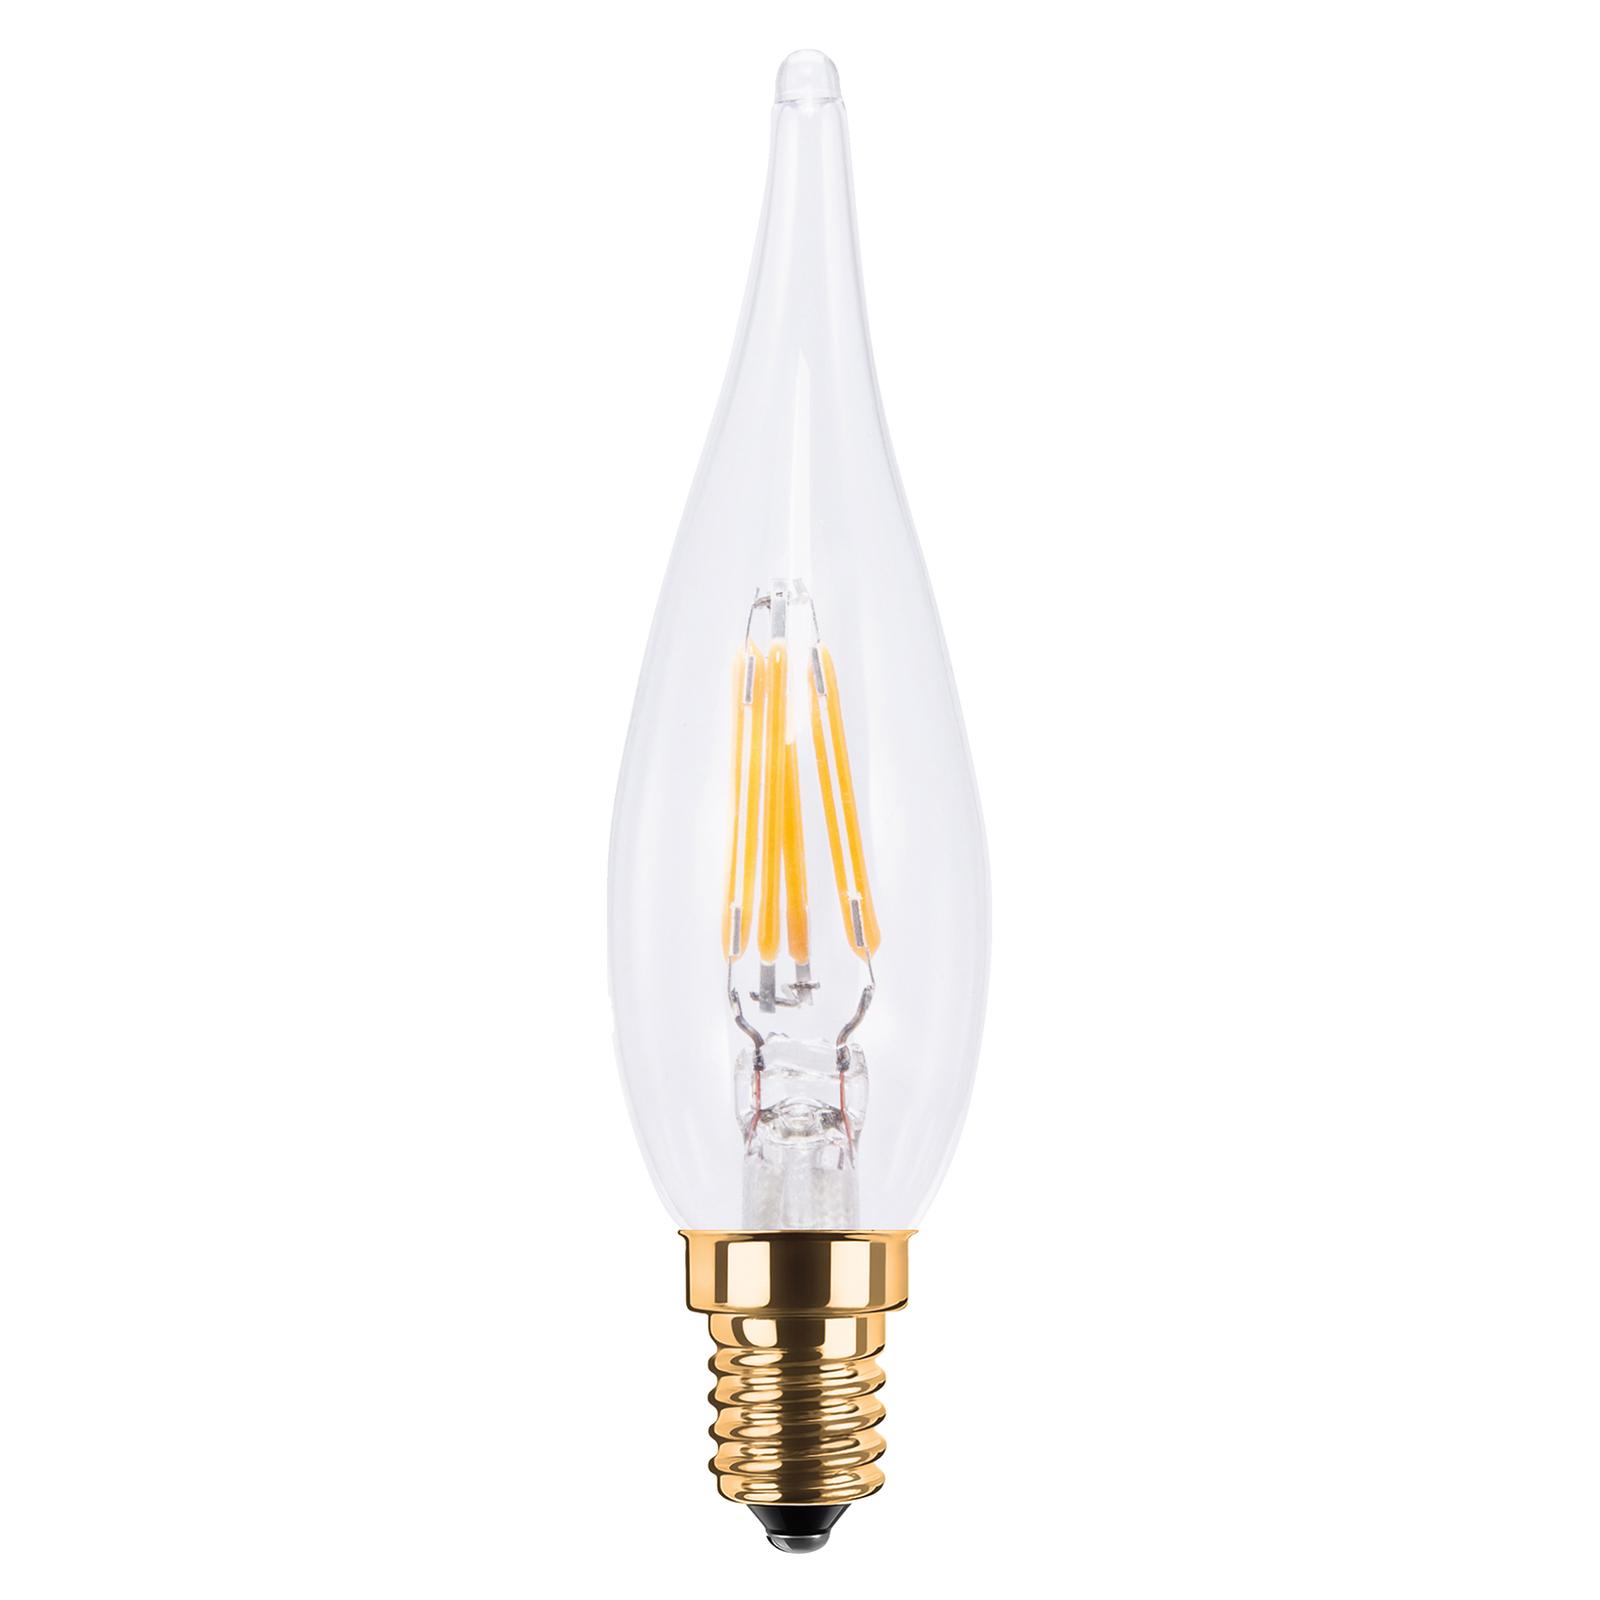 SEGULA LED-kynttilälamppu French Candle E14 1,5W